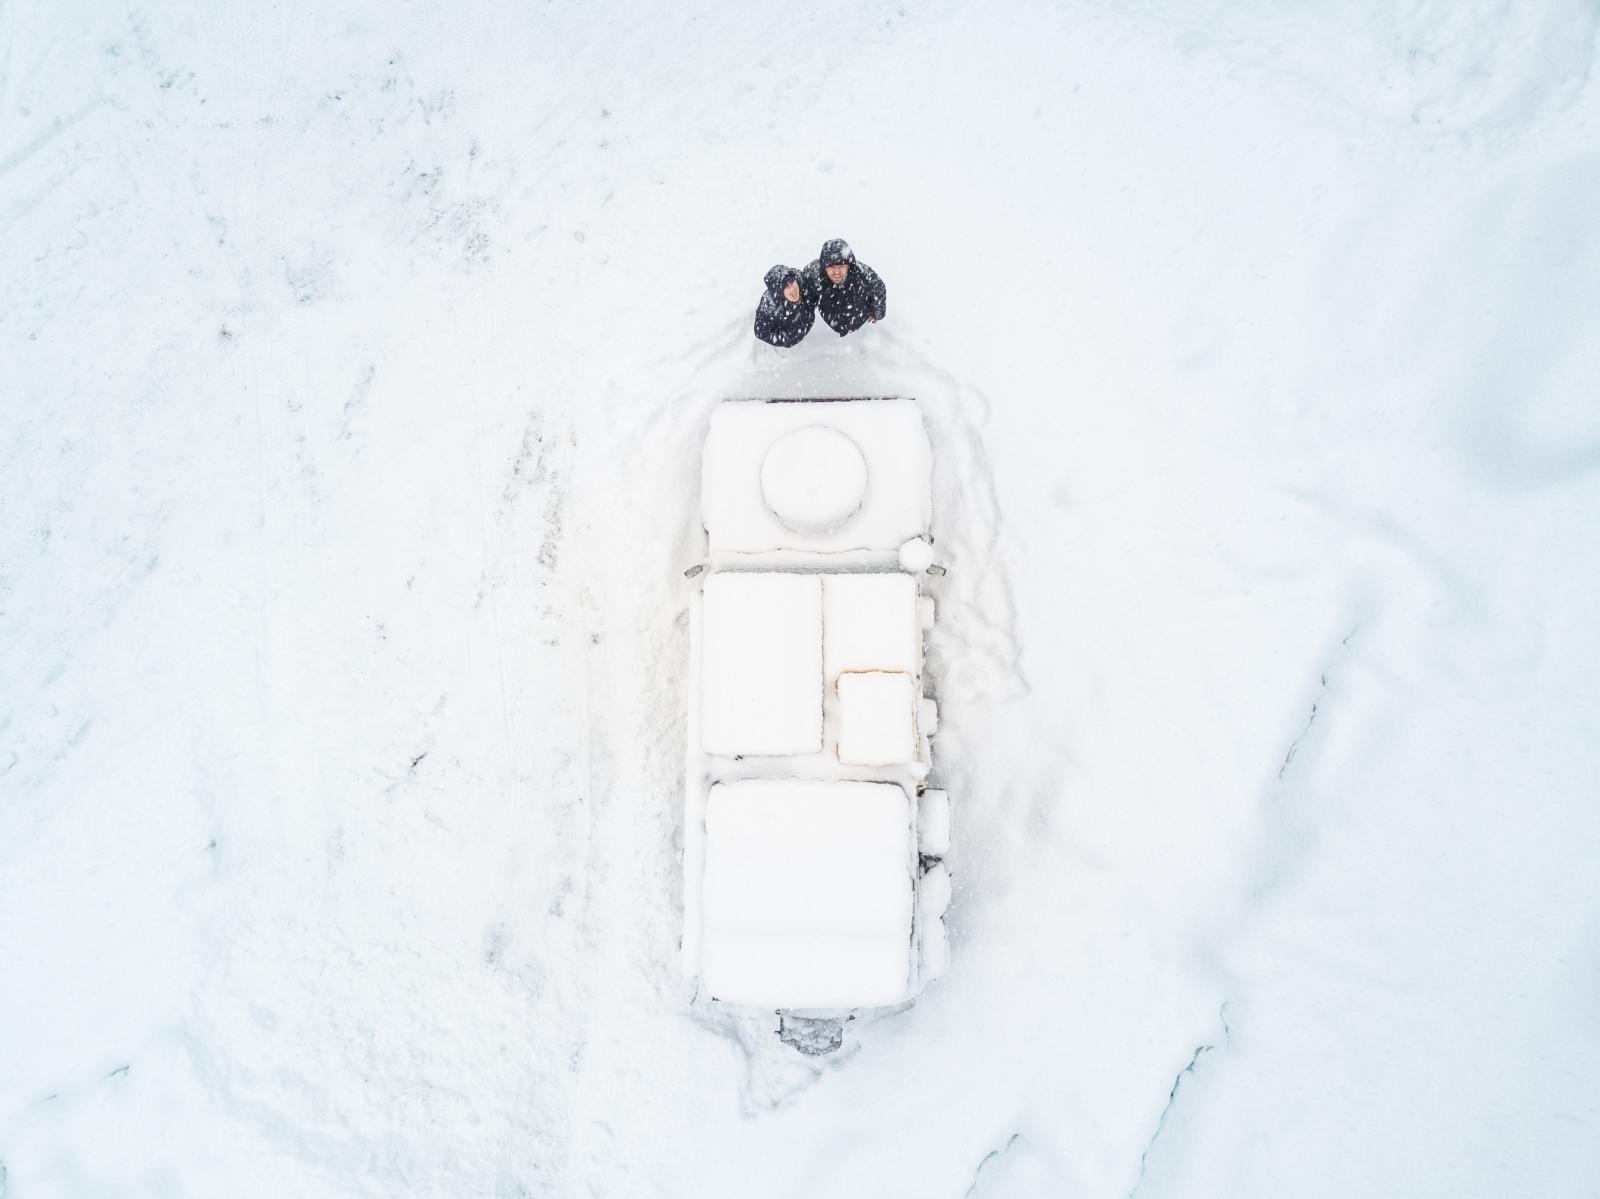 The Sunnyside - Schneespaß, wieder mit Willi.